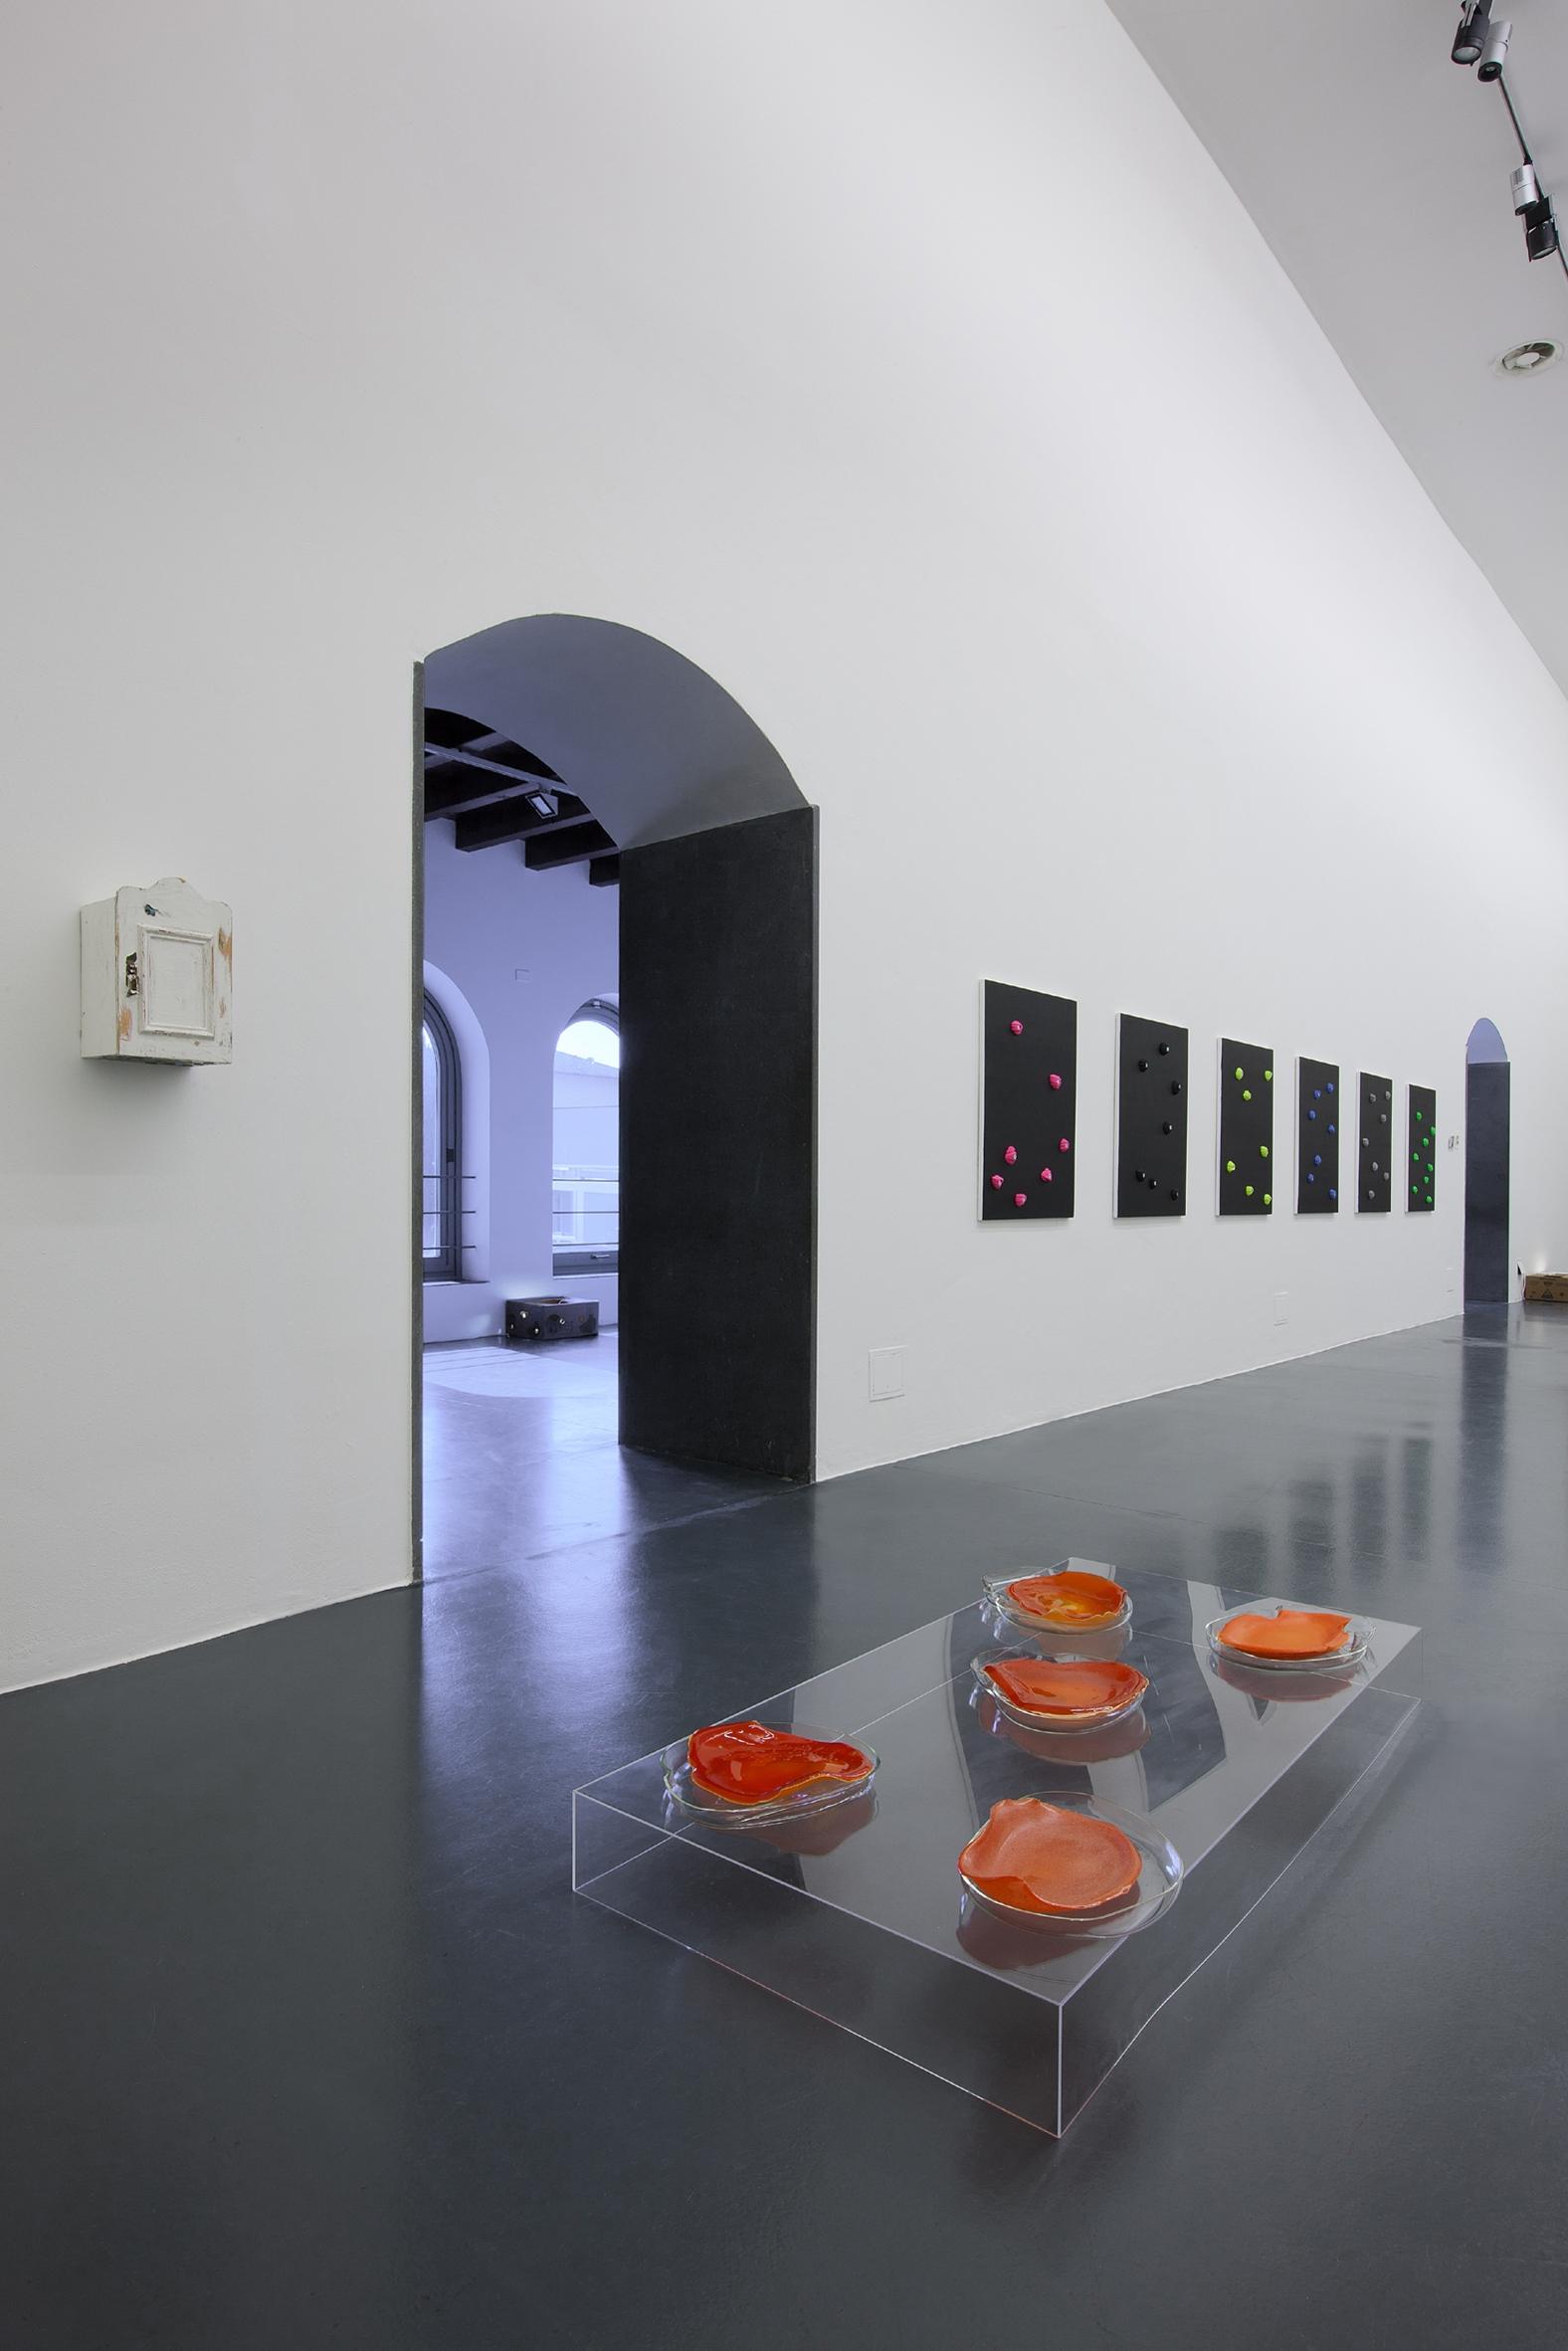 The Log-O-Rithmic - veduta dell'installazione presso la GAMeC, Bergamo 2012 - Foto: Antonio Maniscalco - Da sinistra a destra: Kaspar Müller, Untitled (Cabinet), 2011 / Anicka Yi, Bolivian Bath, 2012 / Oliver Payne, Untitled, 2012